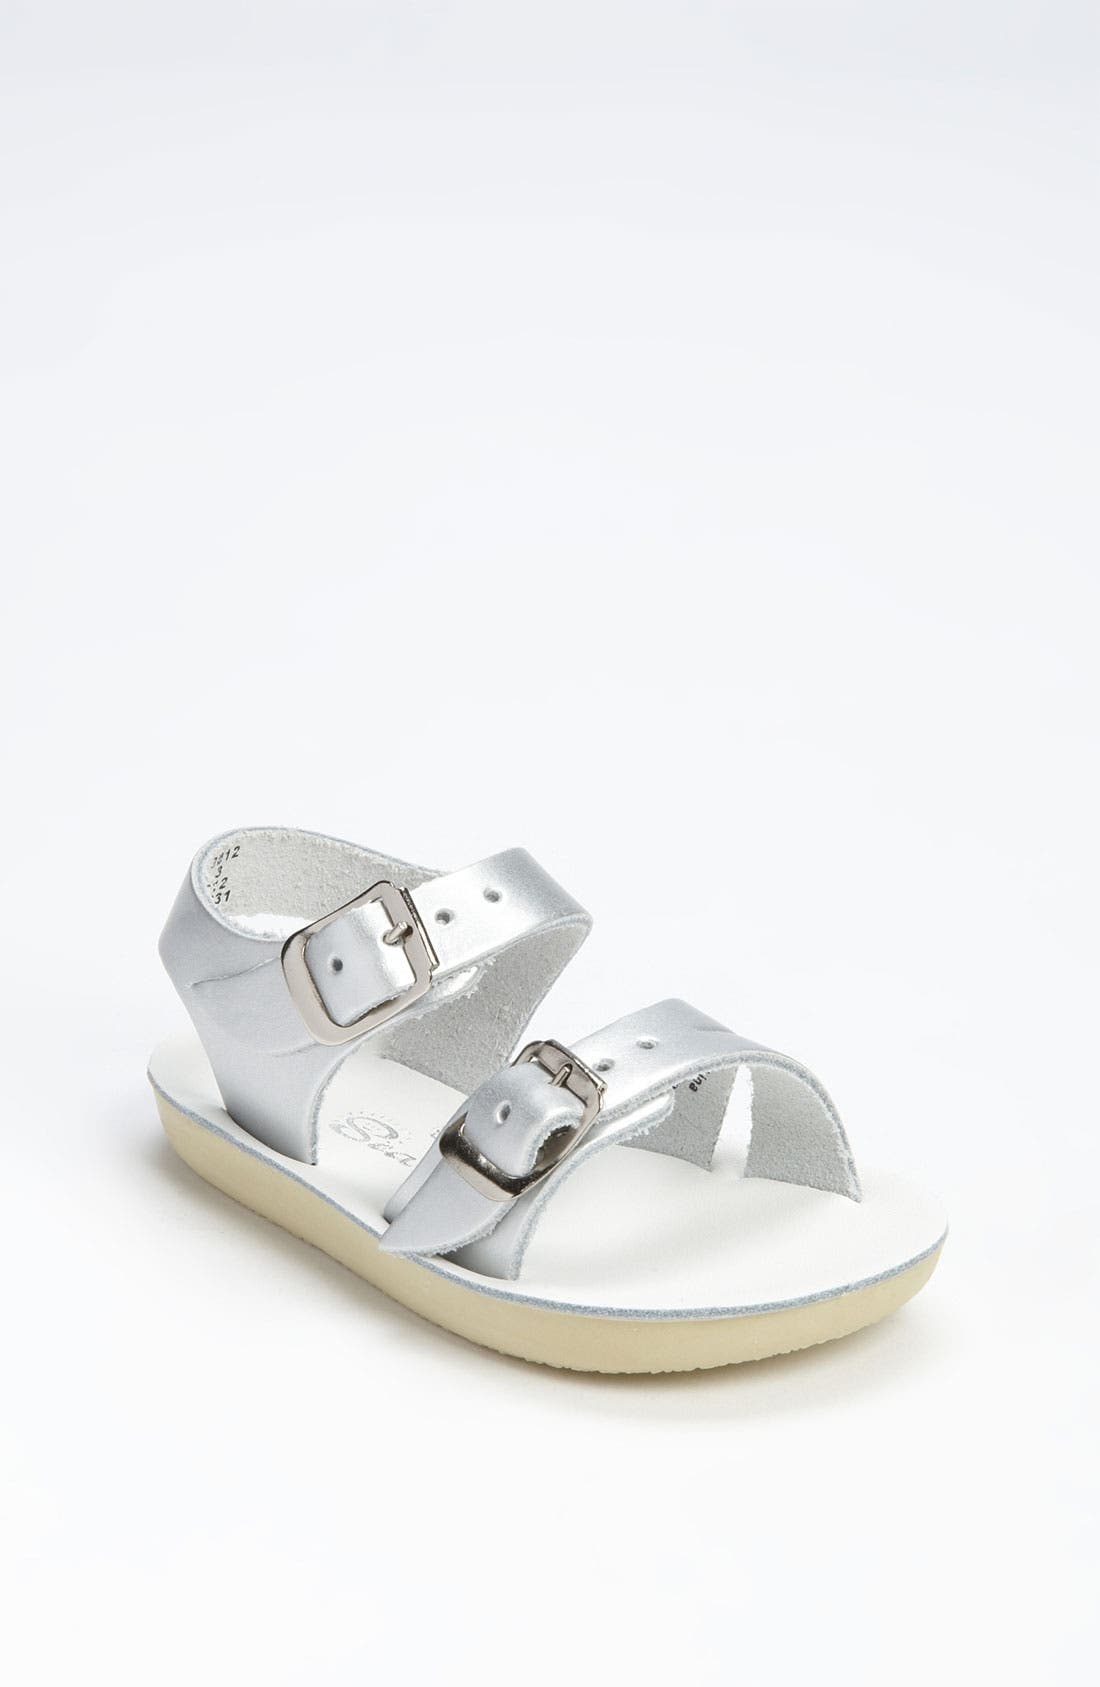 Salt Water Sandals by Hoy 'Sea Wee' Sandal (Baby)